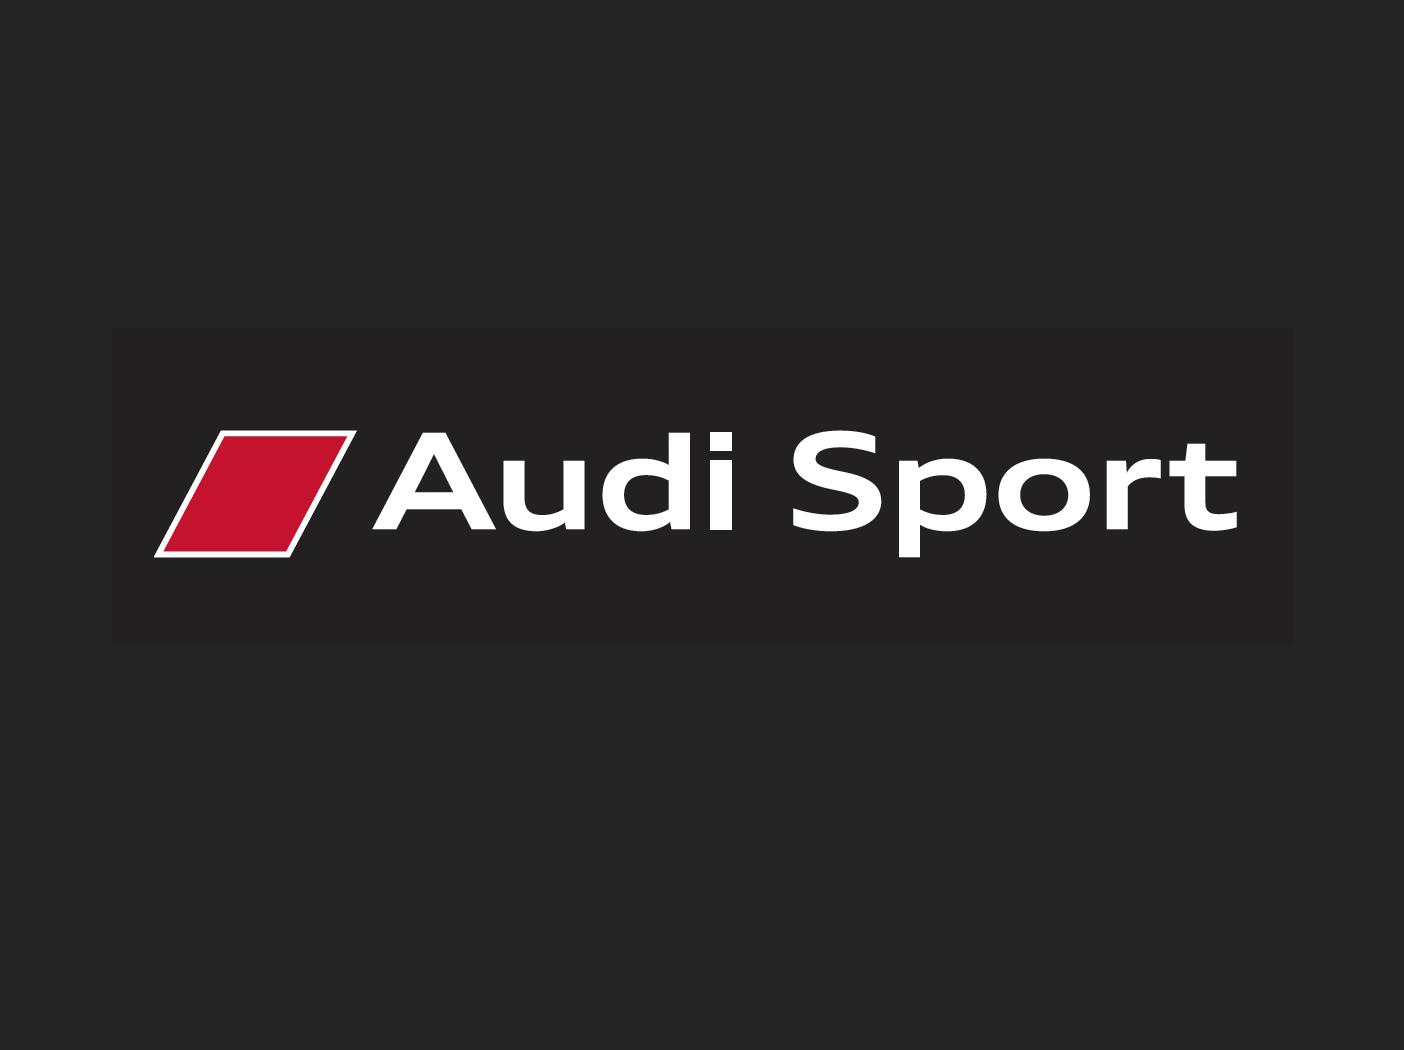 サブブランド Audi Sport を導入